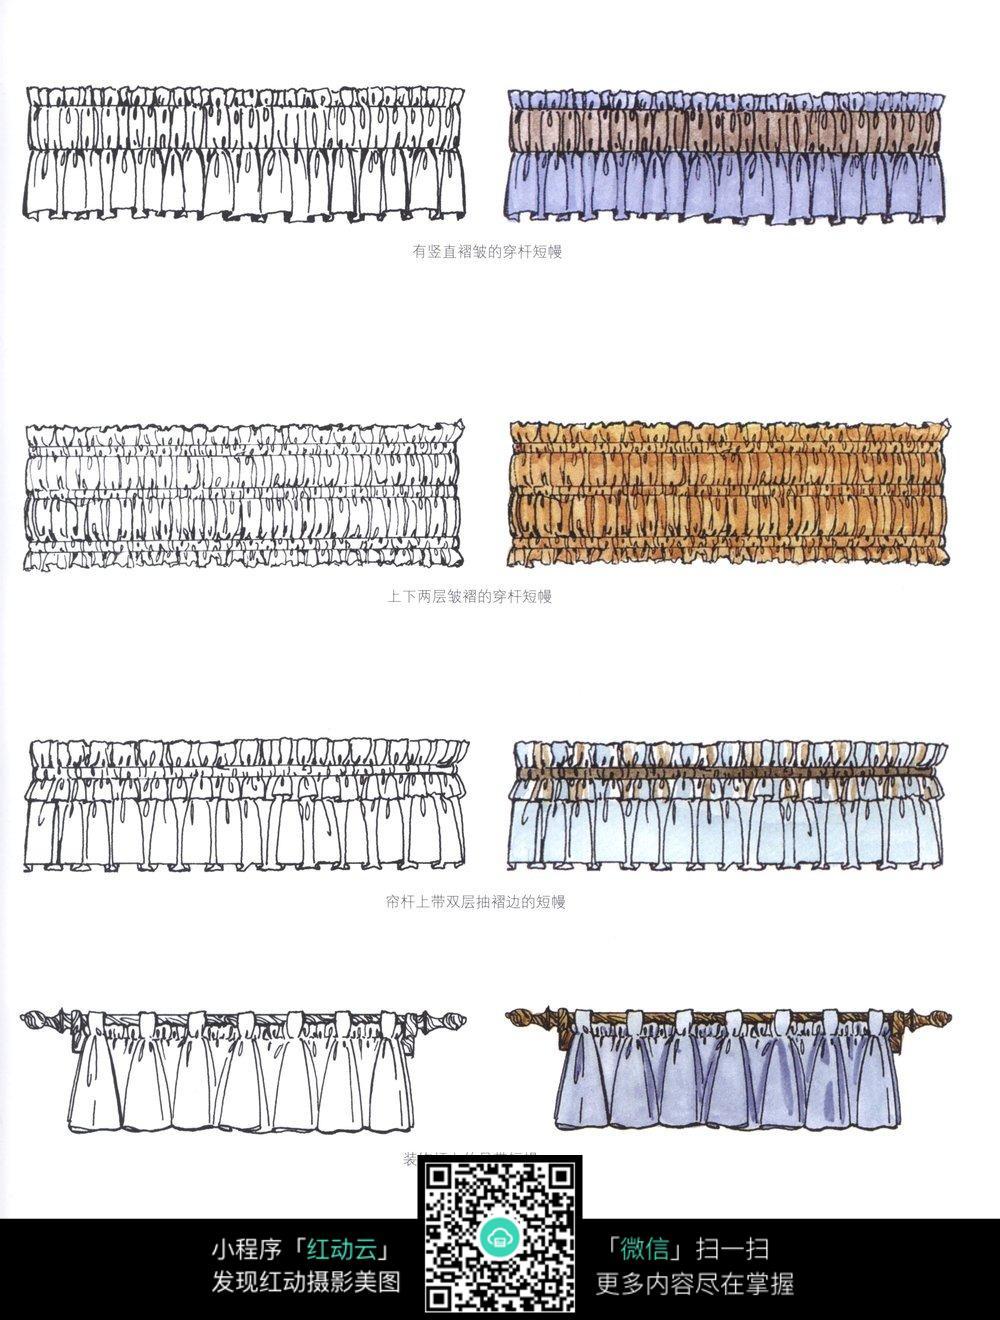 穿杆短幔窗帘手绘线描图